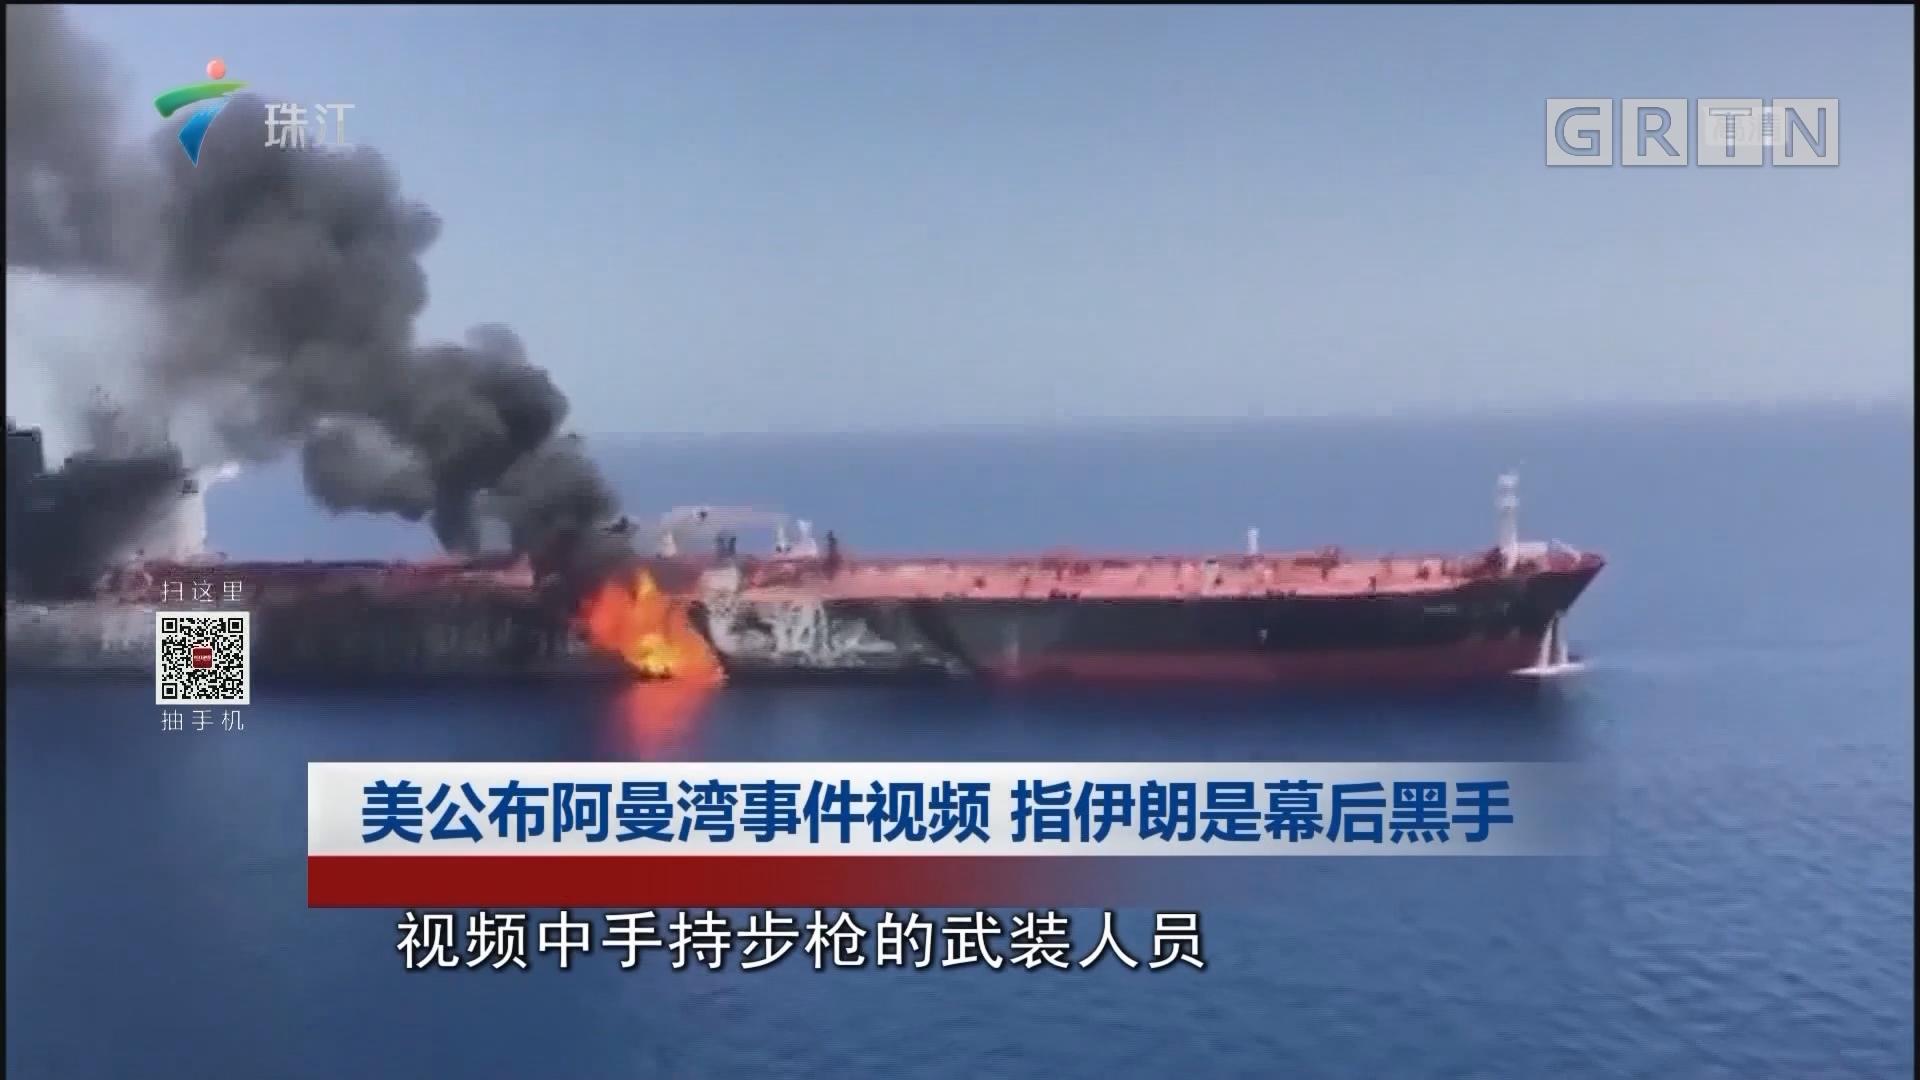 美公布阿曼湾事件视频 指伊朗是幕后黑手